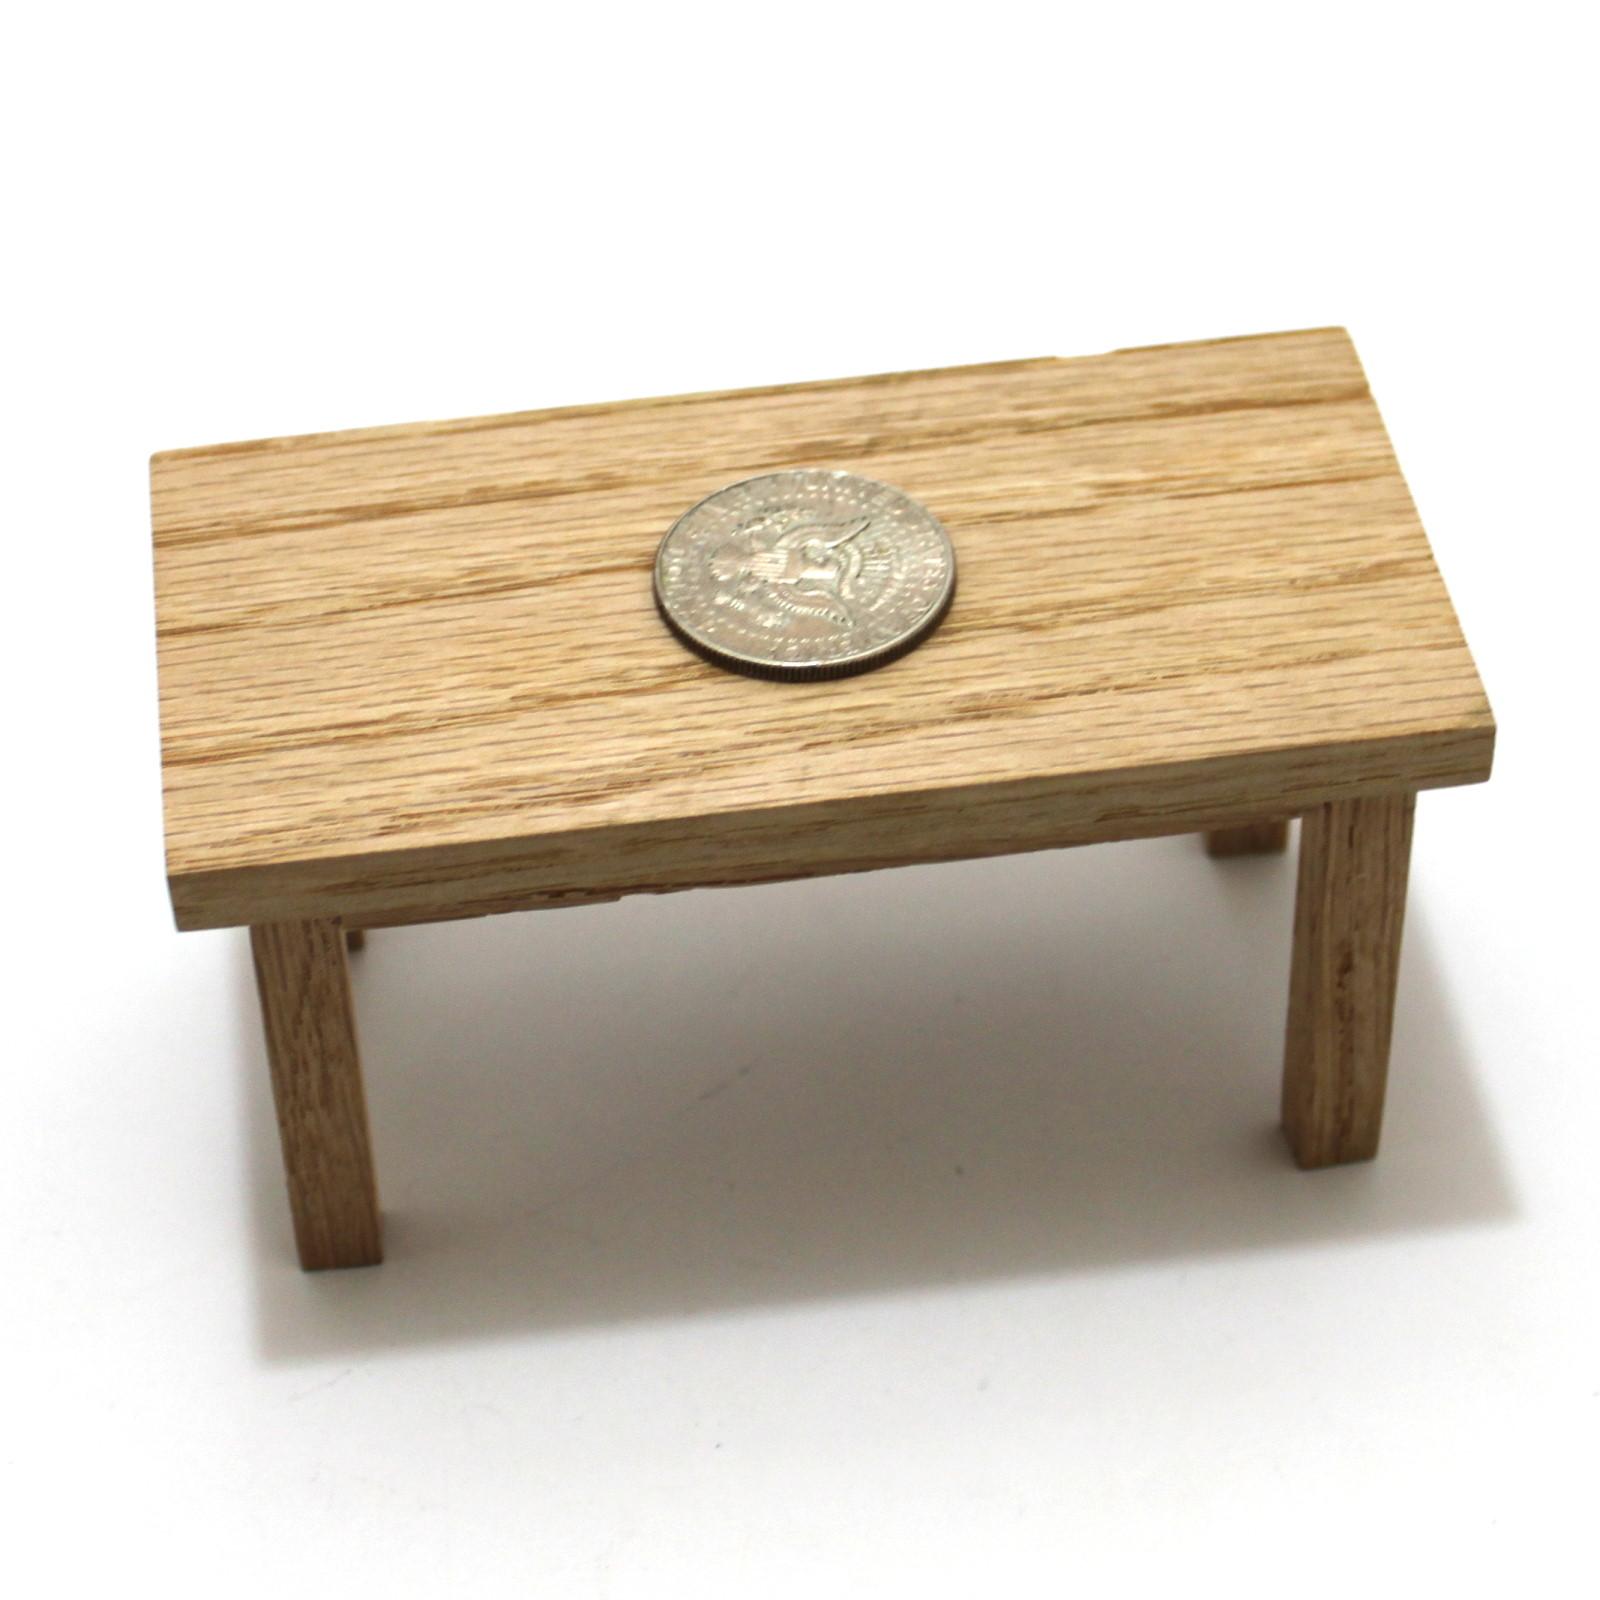 Tillinghast Coin Table by Kent Tillinghast